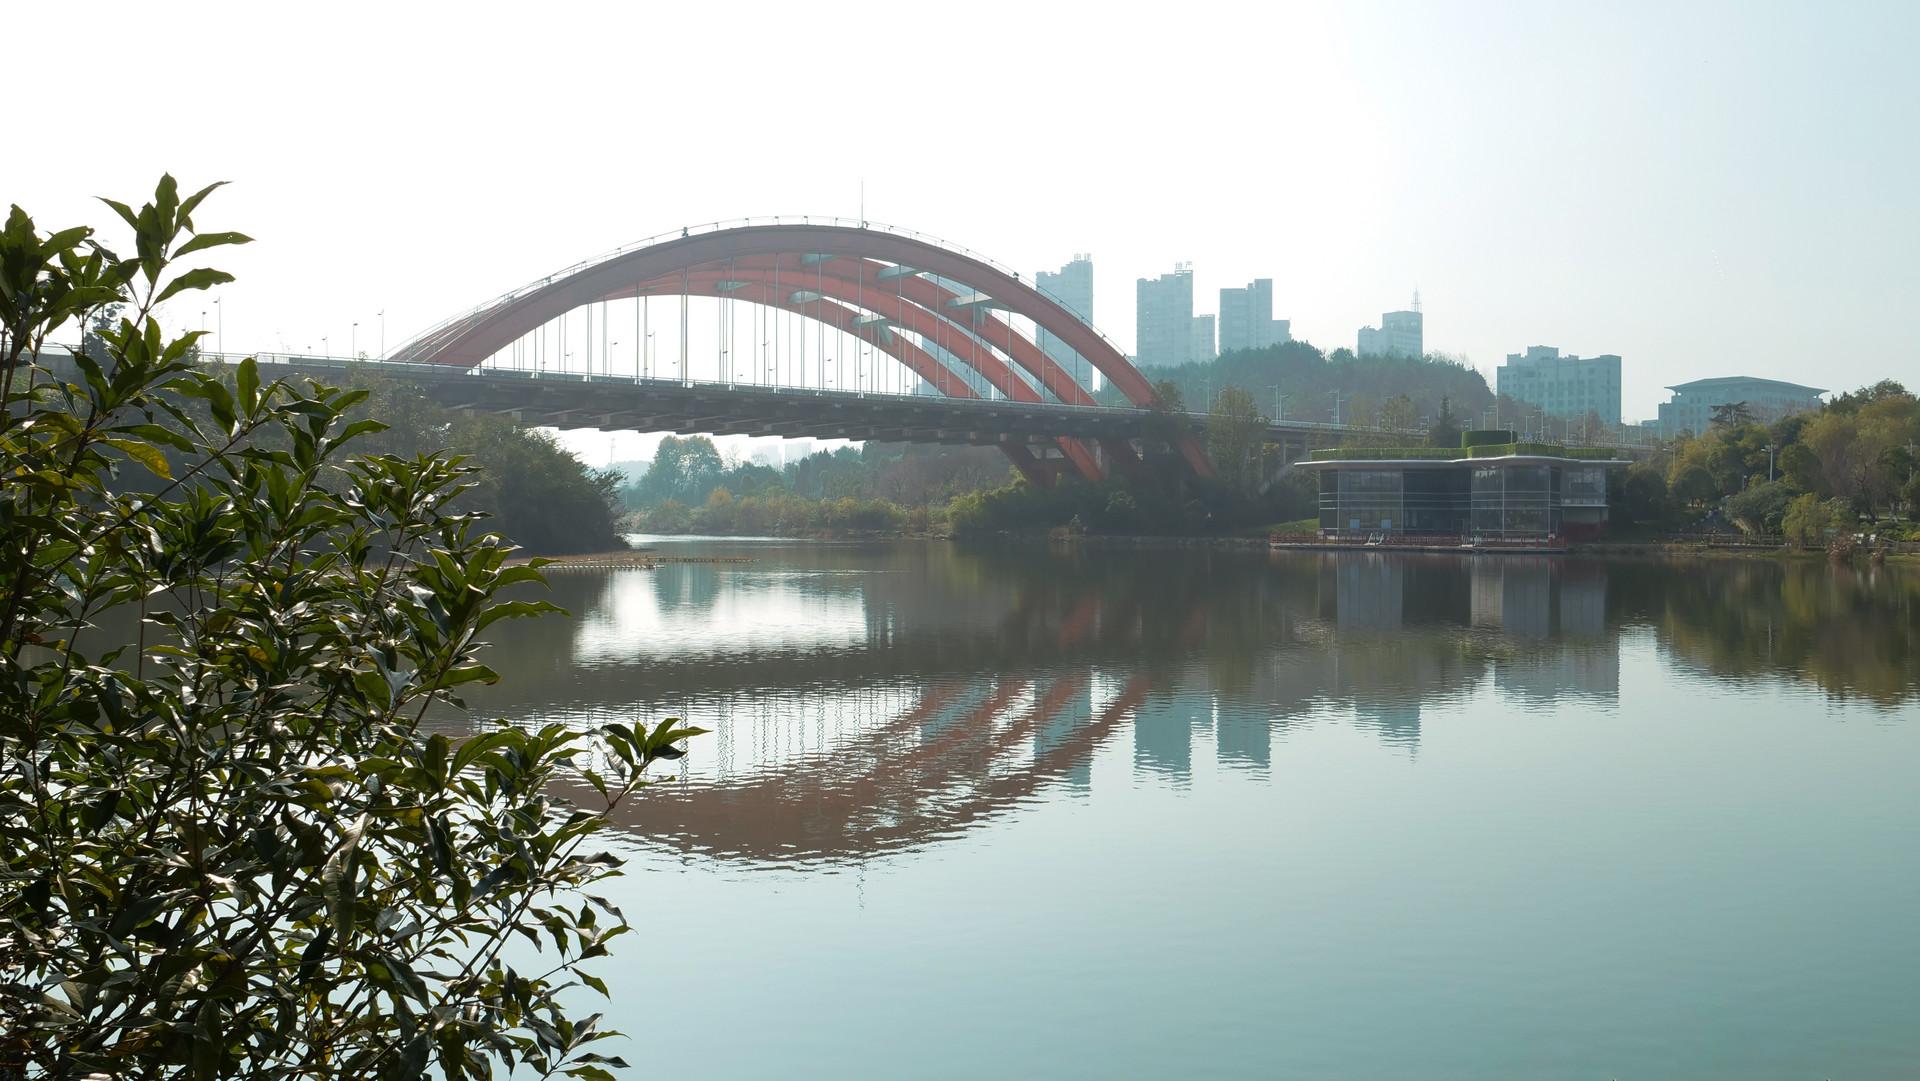 2019貴陽國際馬拉松交通管制通告(限行時間+限行路段)